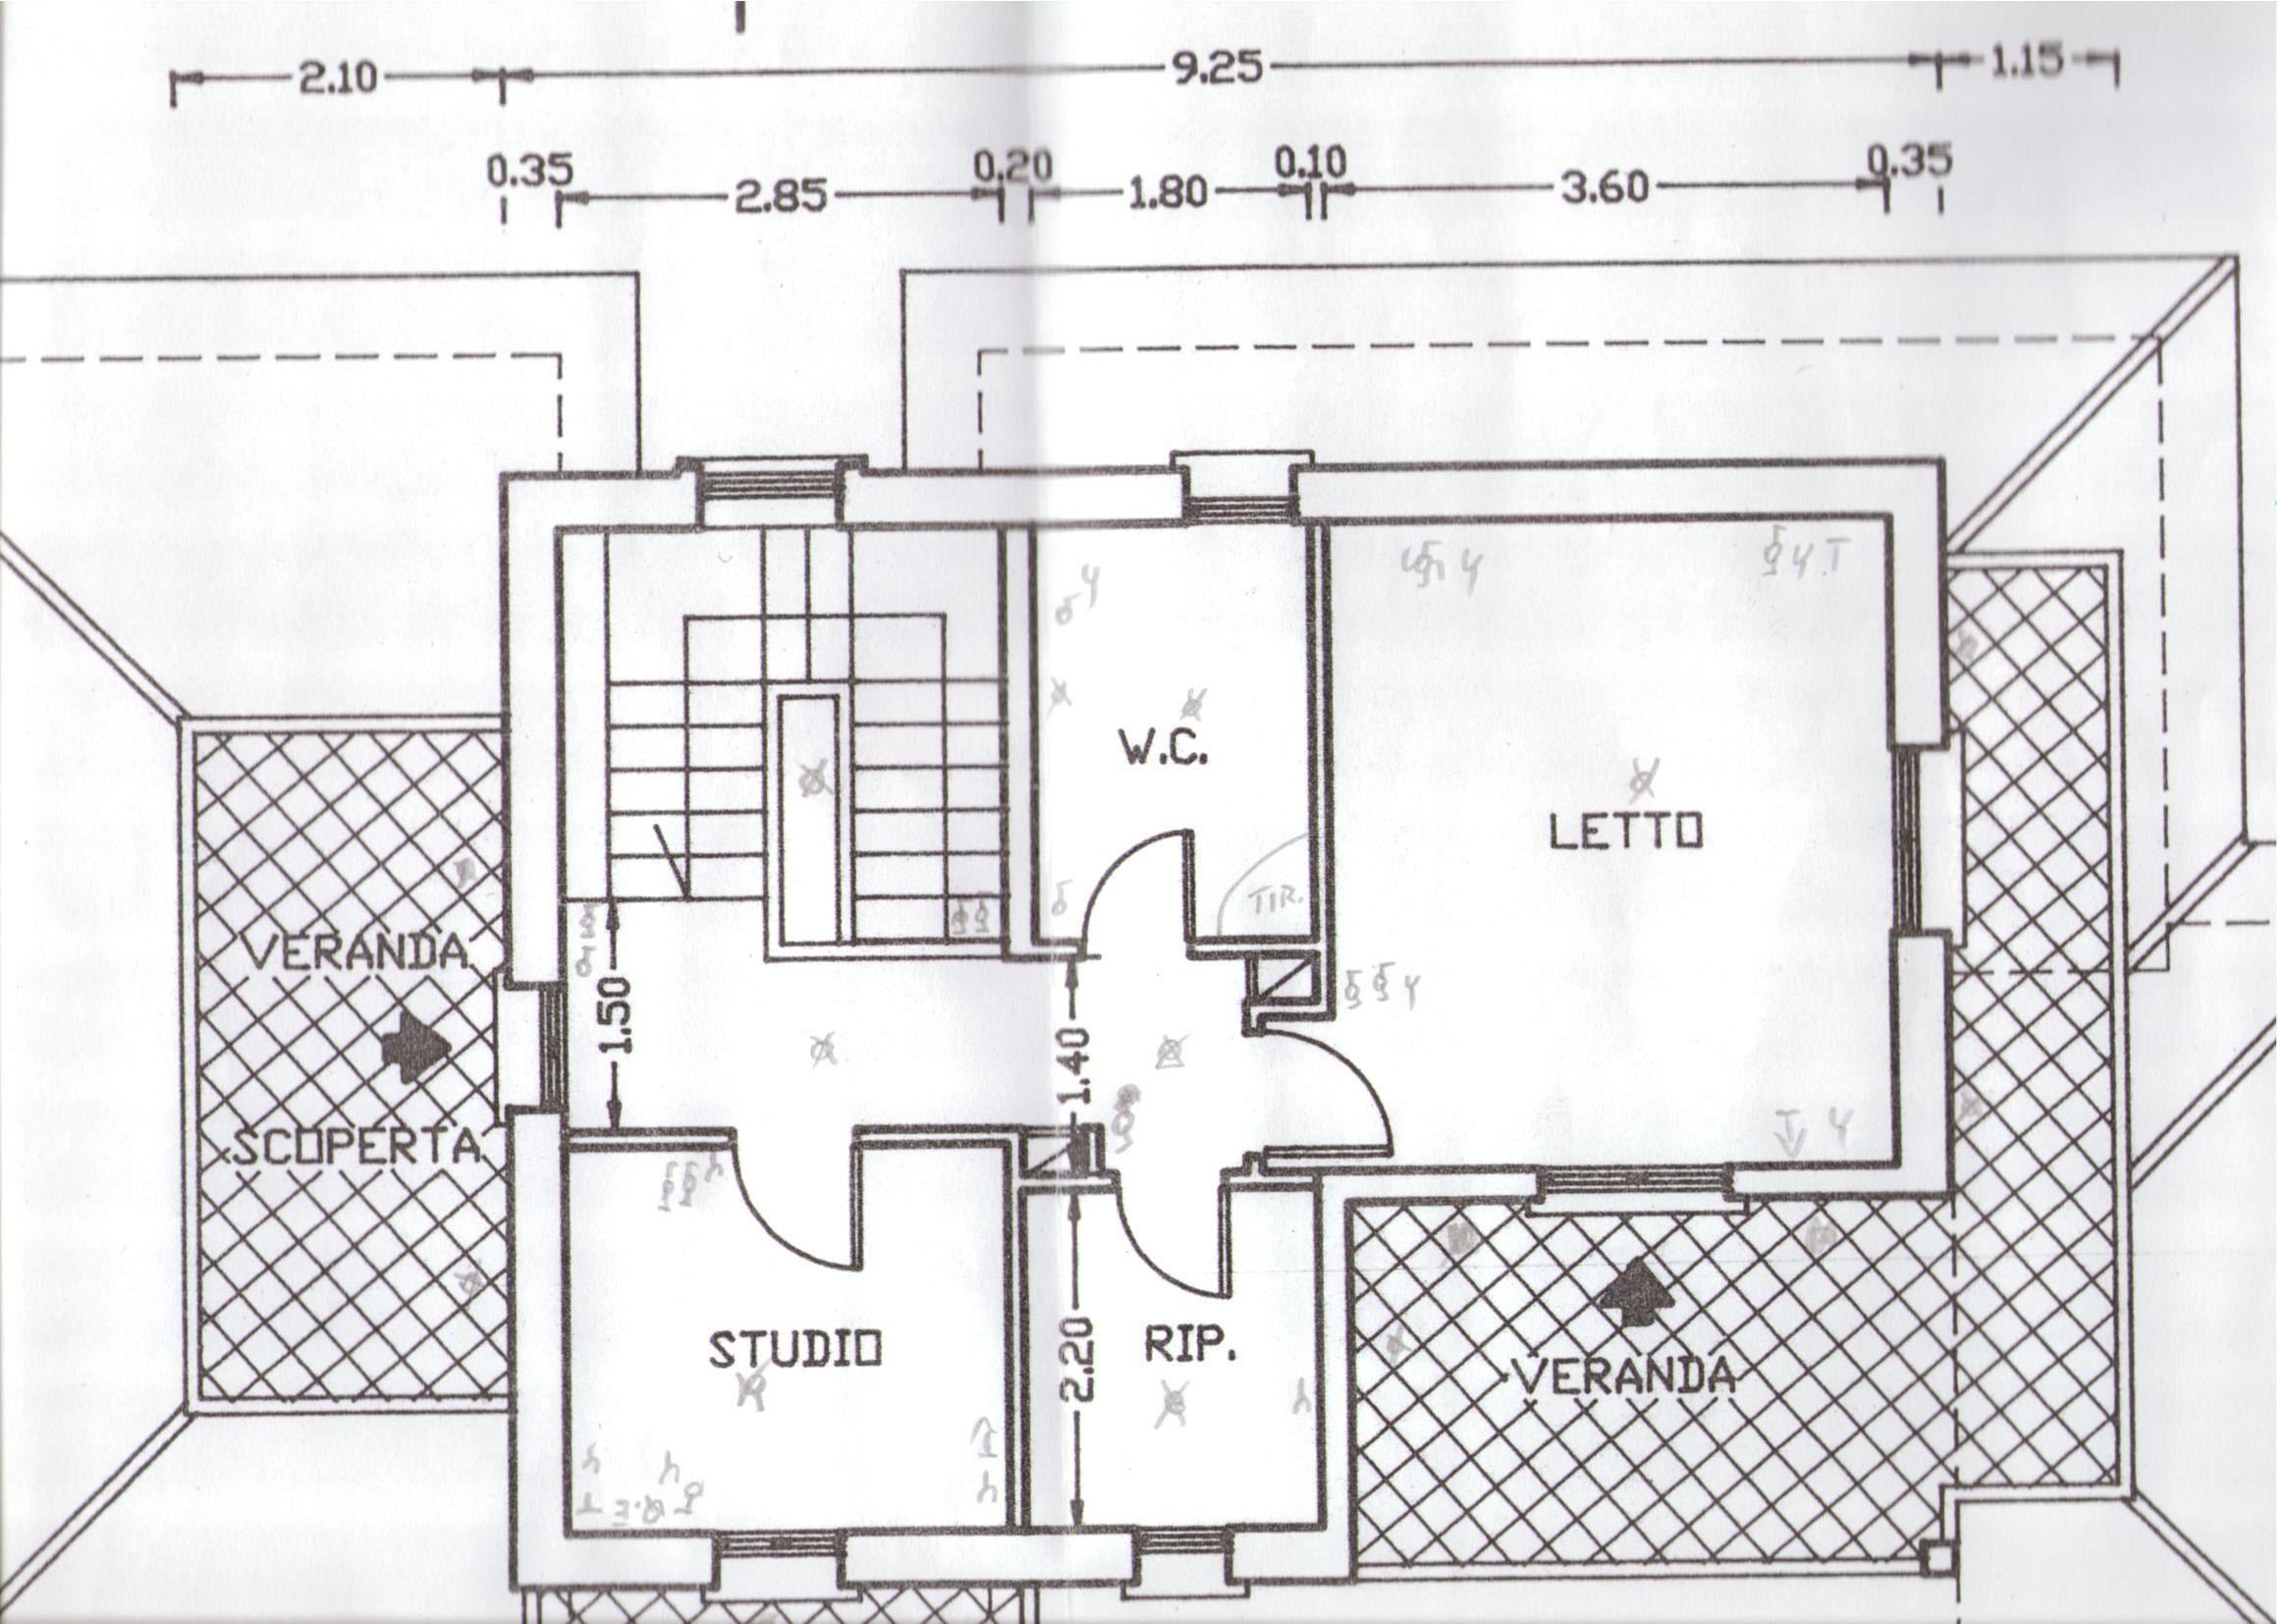 Schemi Elettrici Free : Details about renault laguna iii schemi elettrici wiring